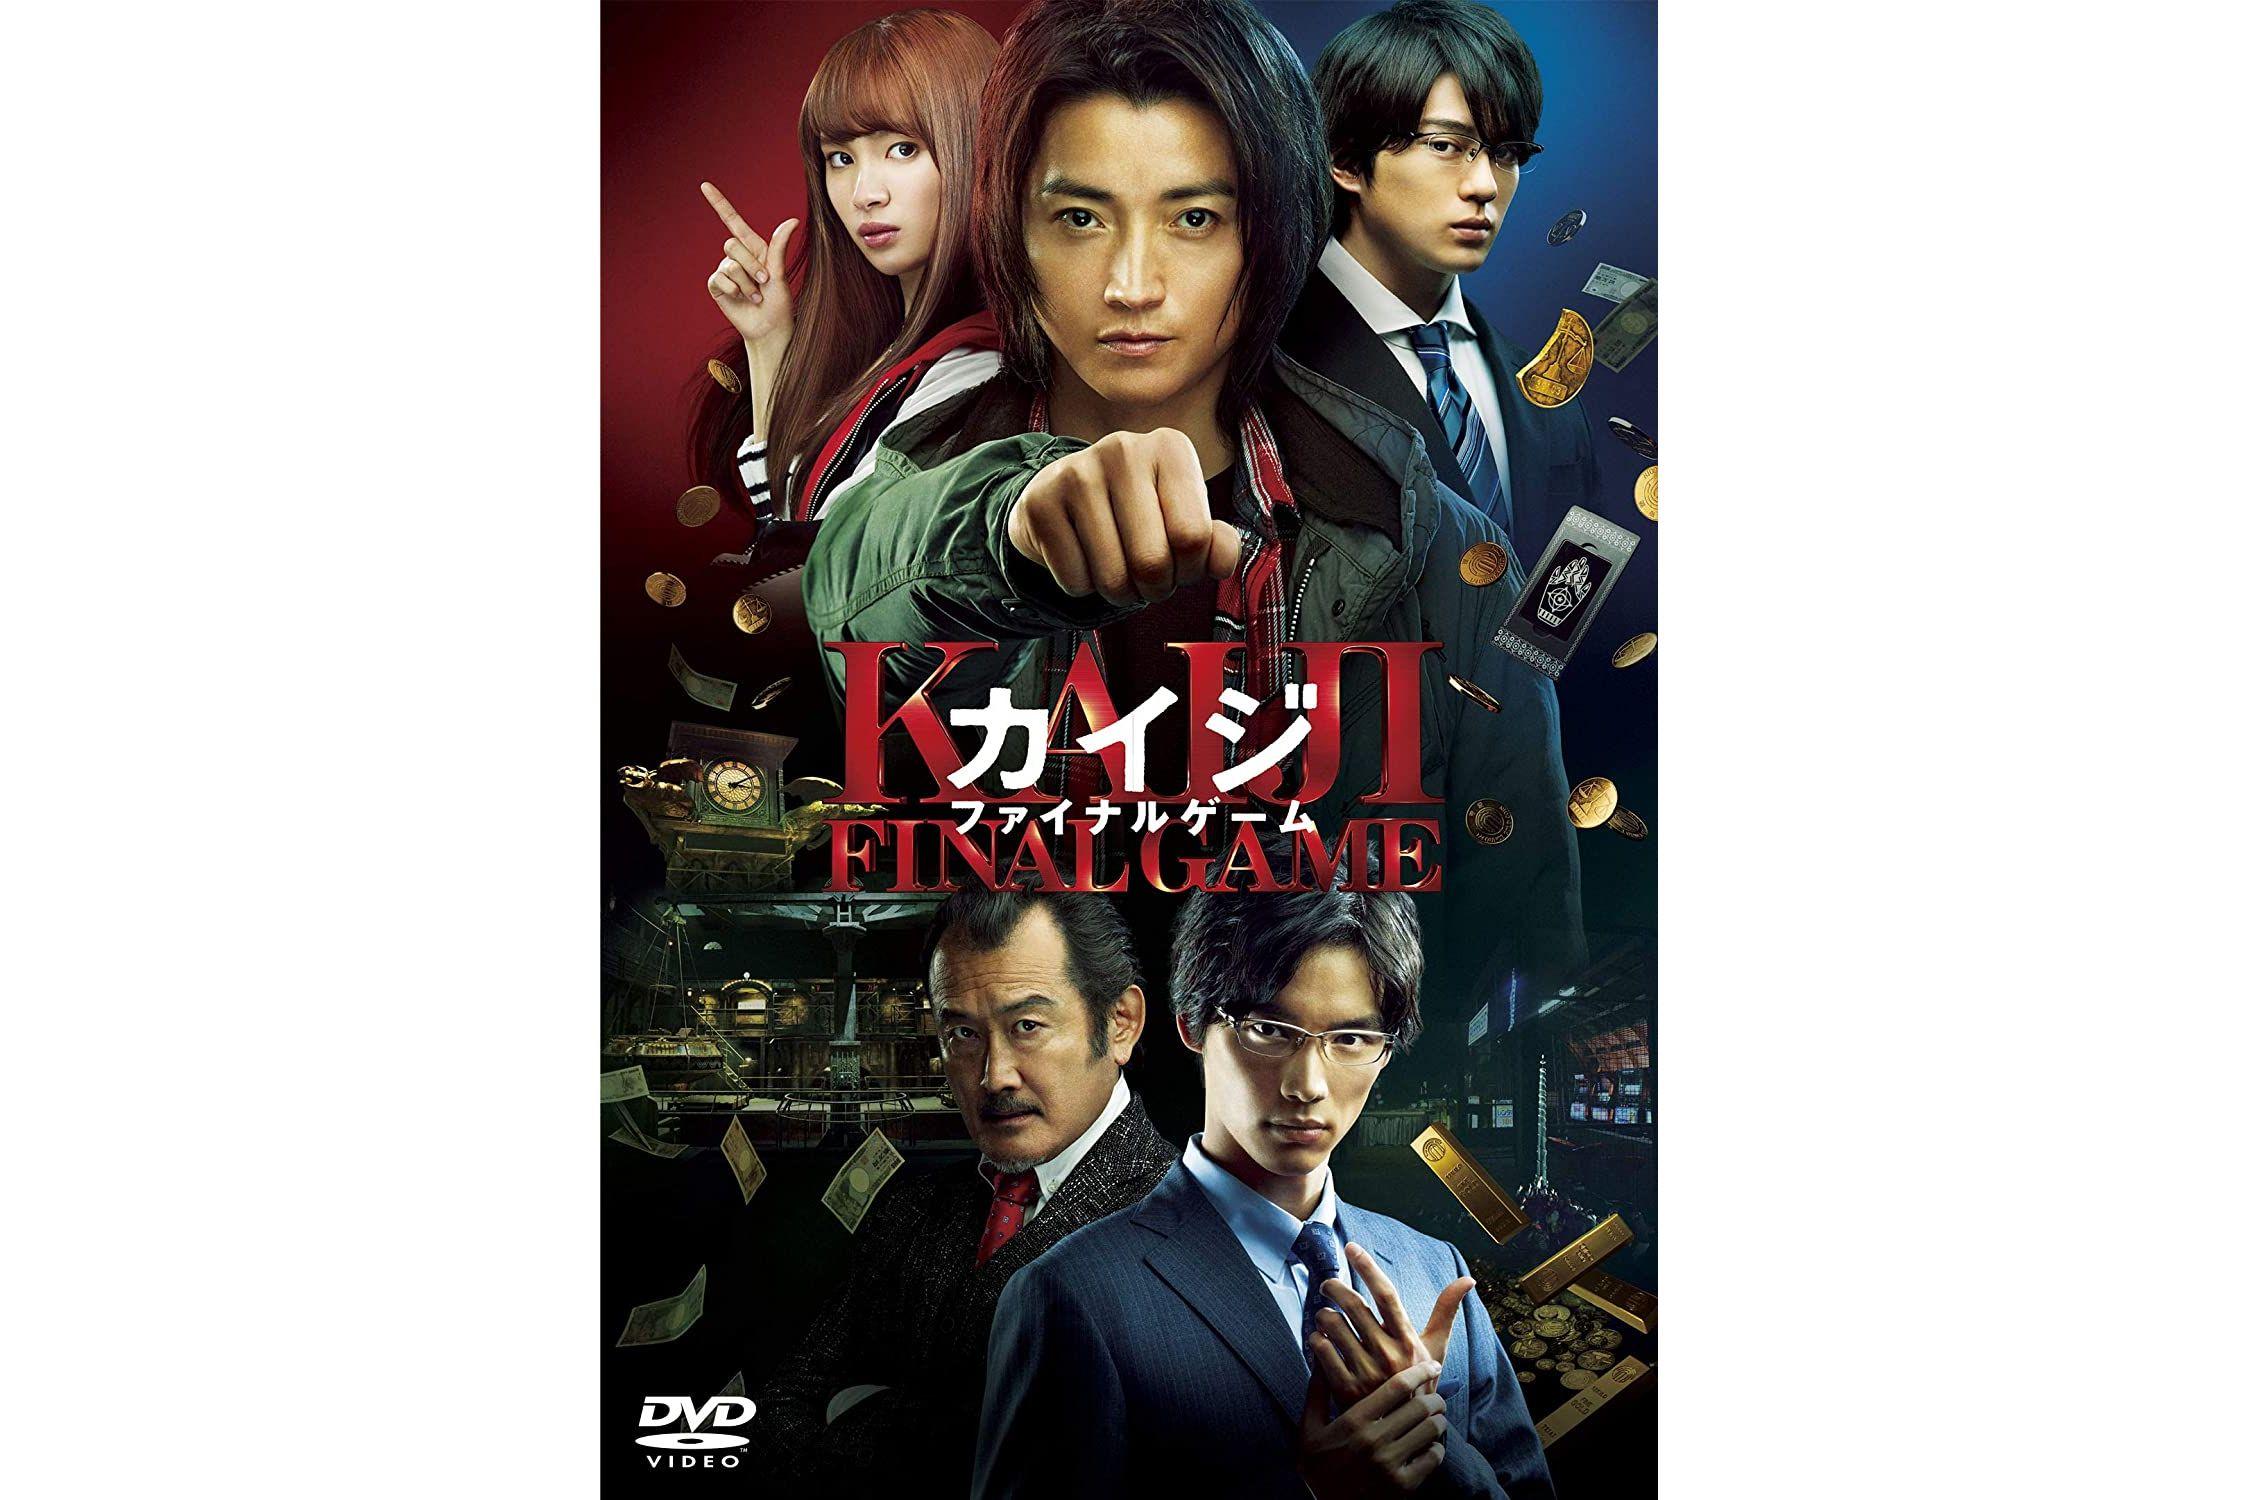 カイジ ファイナルゲーム DVD/Blu-ray